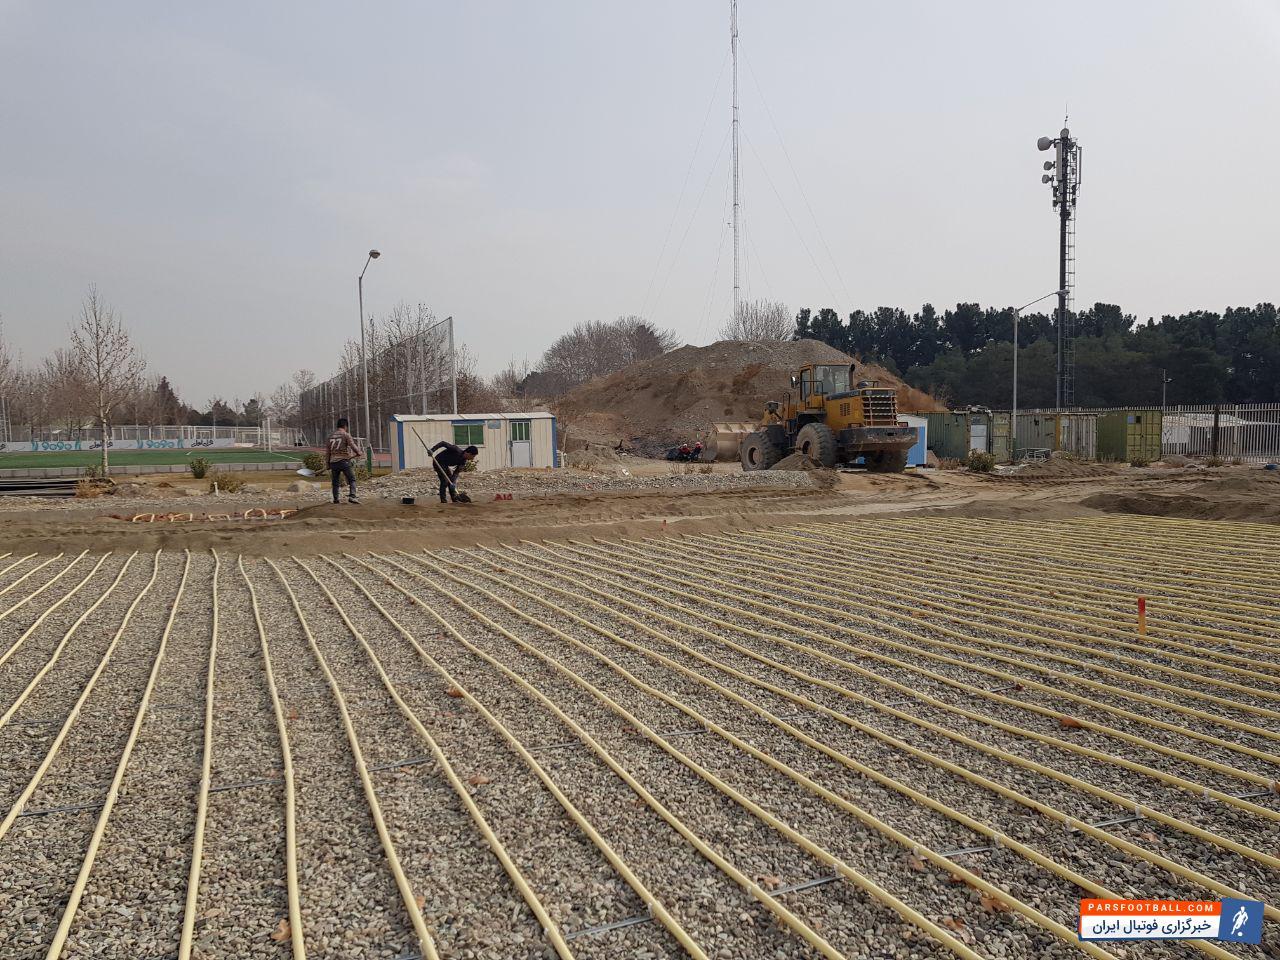 عکس ؛ آمادسازی زمین تیم ملی تا پایان سال ۹۶